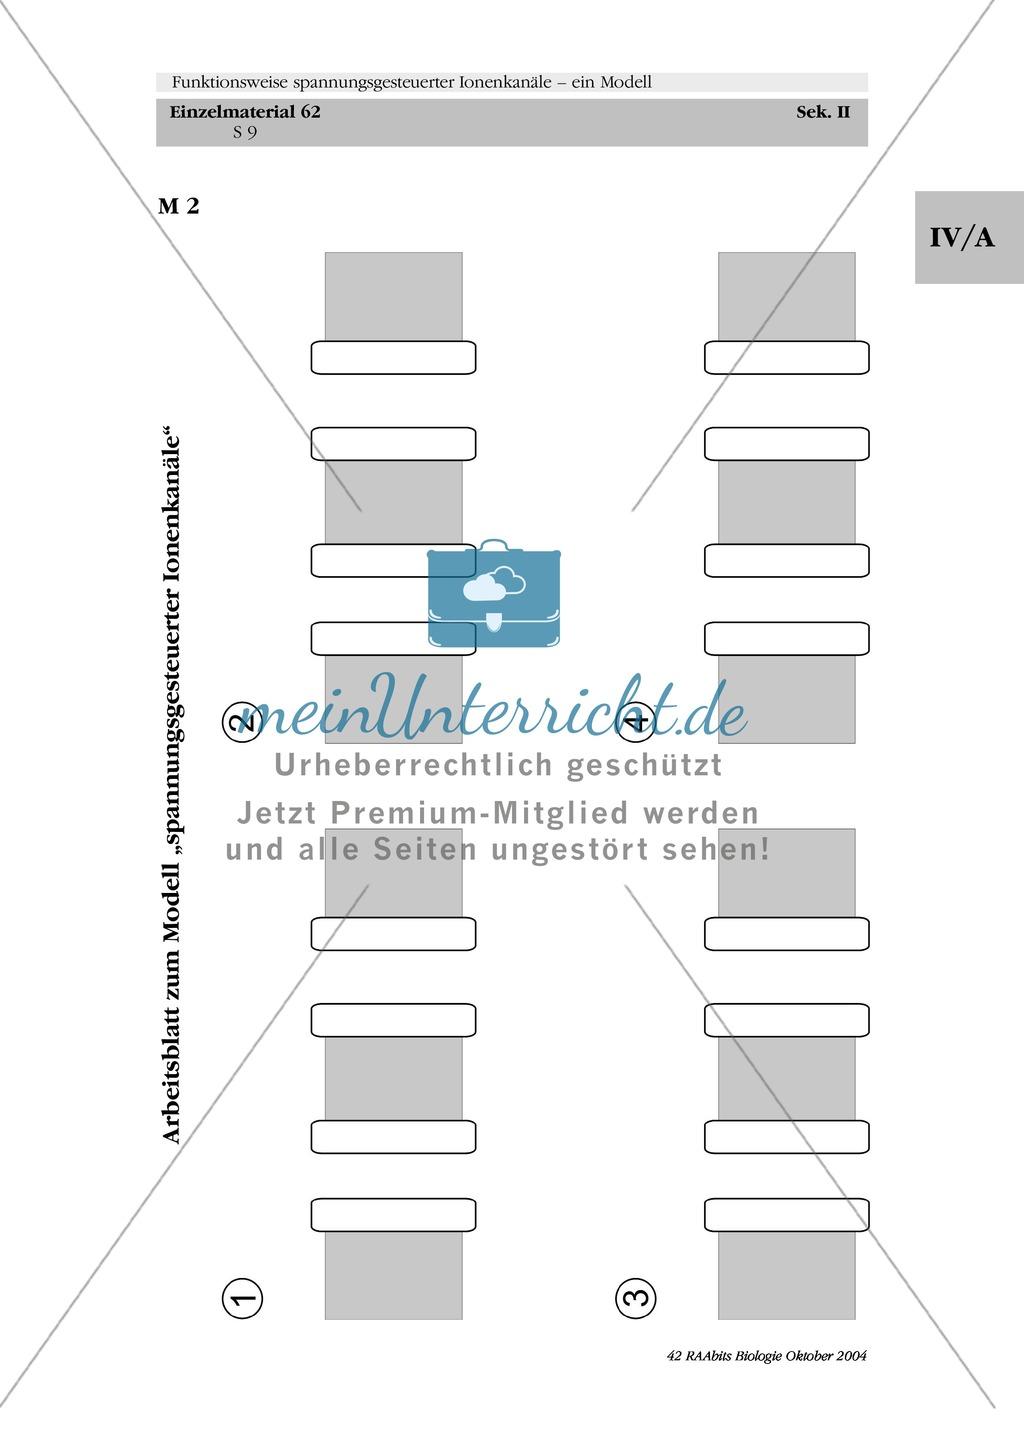 Struktur und Funktion spannungsgesteuerter Ionenkanäle bei der Ausbildung eines Aktionspotenzials in Einzel- und Gruppenarbeit beschreiben Preview 1